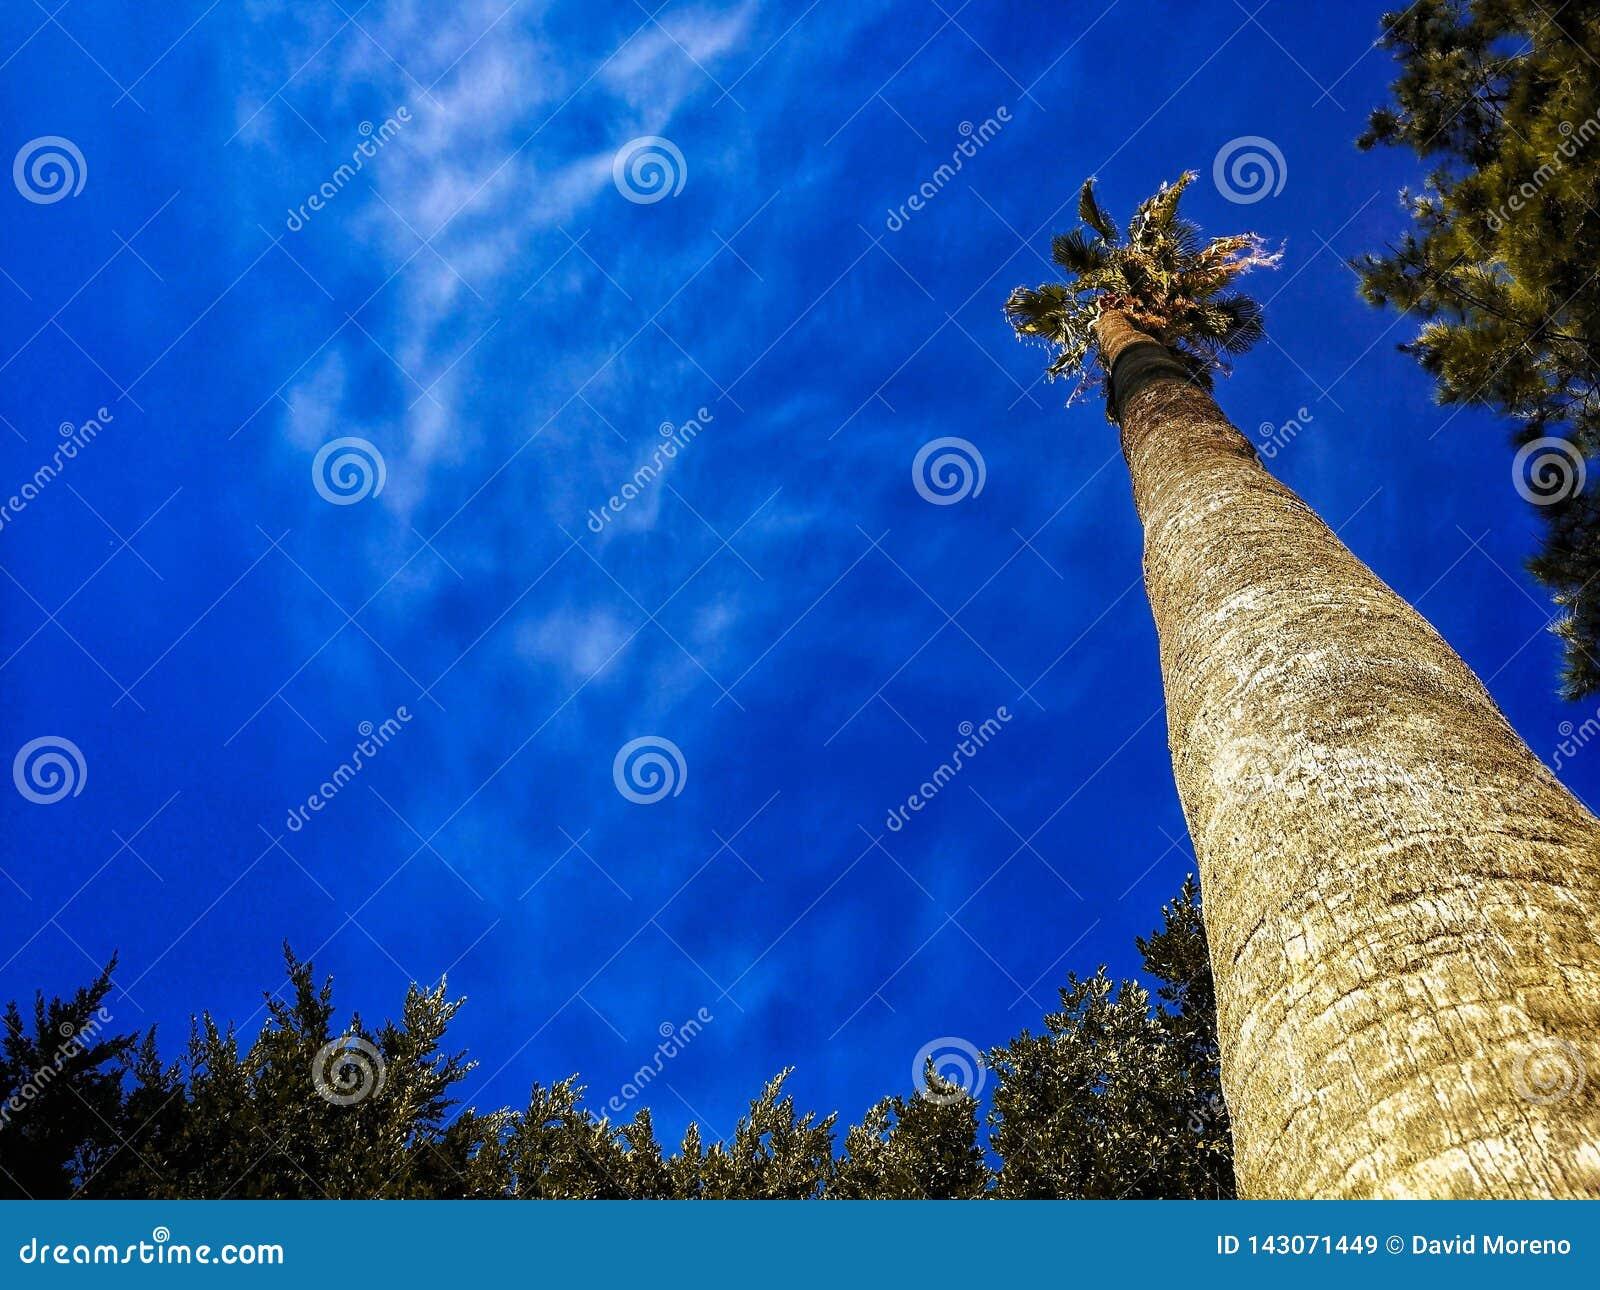 Palmeras y cielo azul, palmeras en la costa tropical, vintage entonado y estilizado, árbol de coco, cielos claros del verano